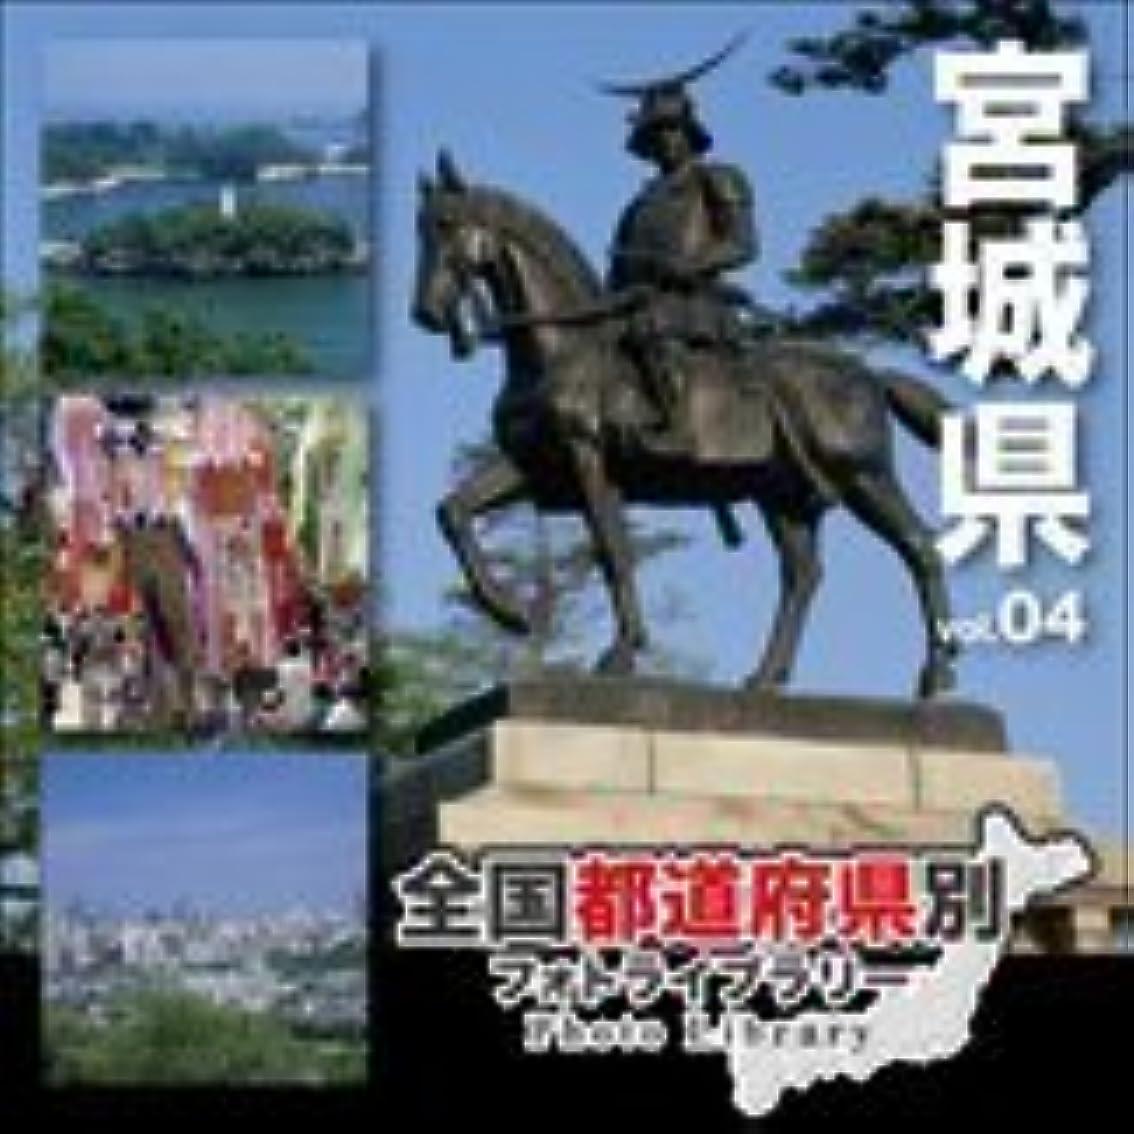 従来の遺産起訴する全国都道府県別フォトライブラリー Vol.04 宮城県